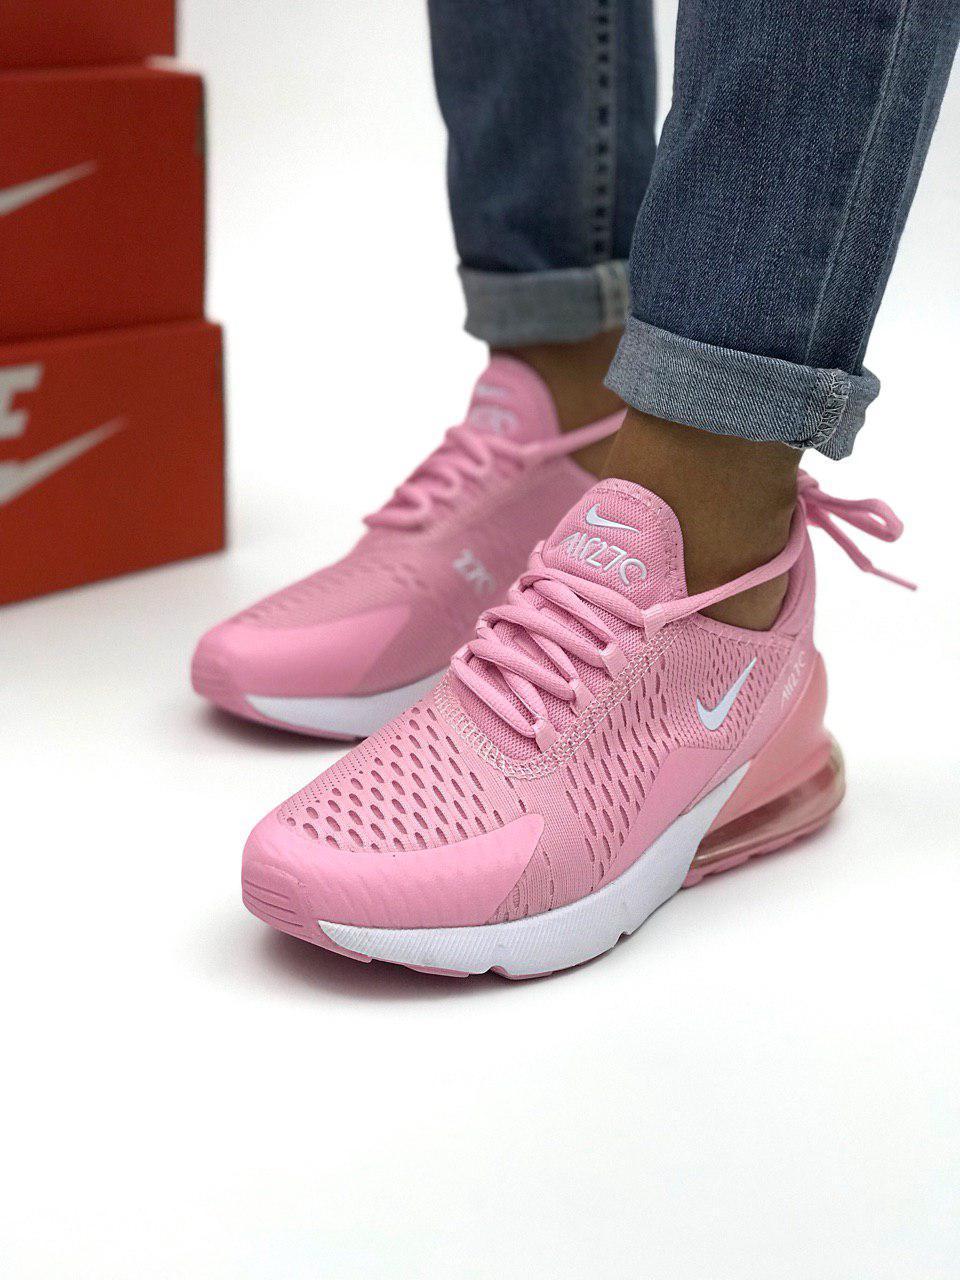 Стильные женские кроссовки Nike Air Max 270 - 4 расцветки